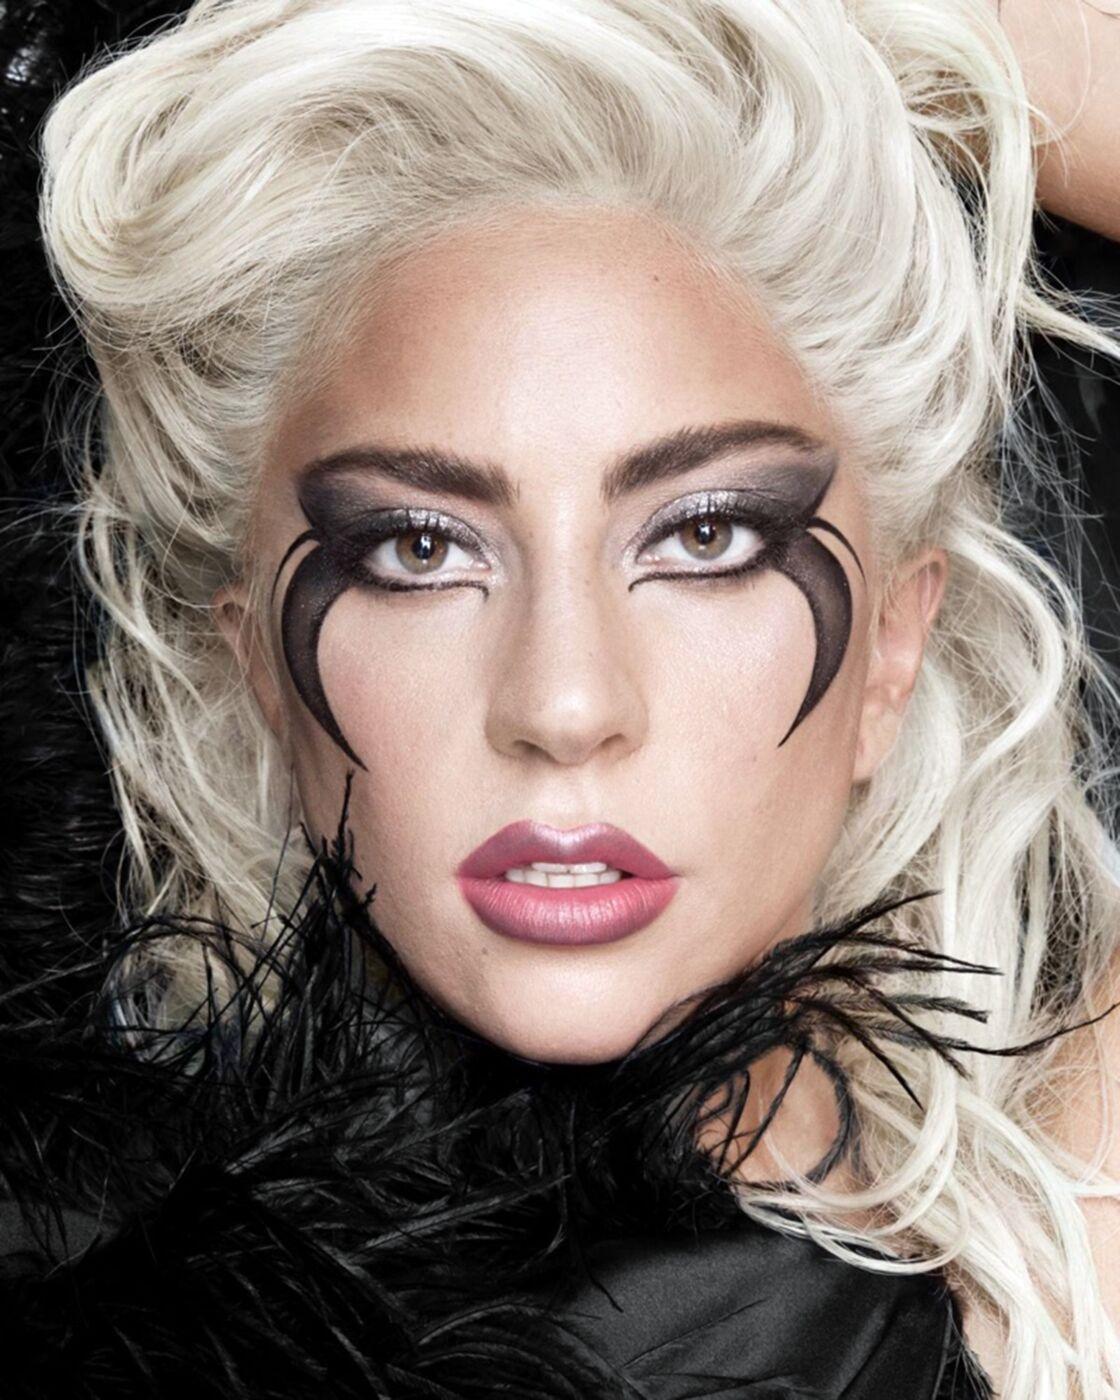 La seconde campagne de Lady Gaga qui pose pour sa gamme de cosmétiques Haus Laboratories. Le 22 juillet 2019.